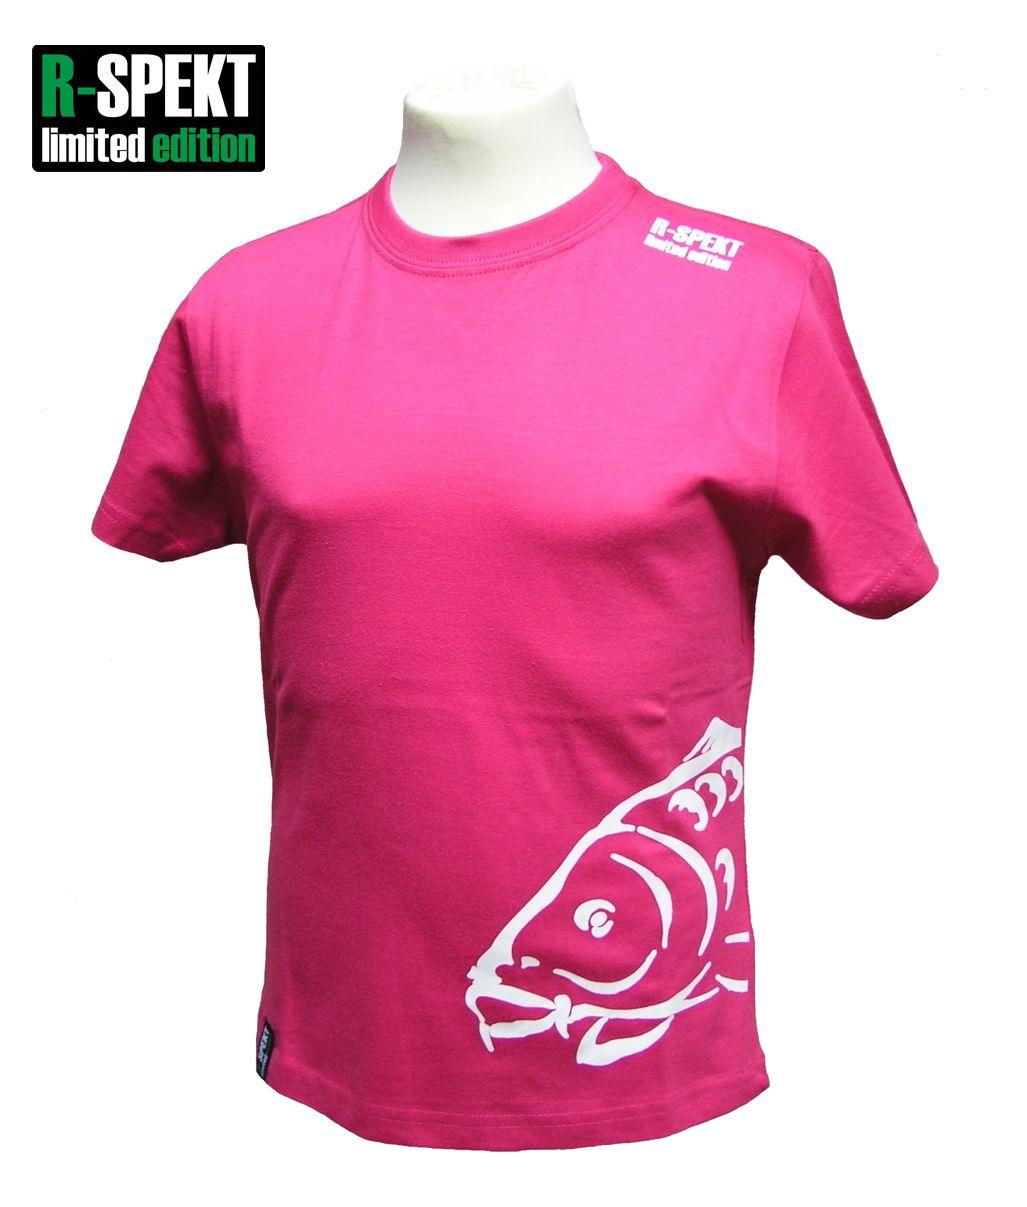 R-spekt detské tričko carper kids ružové-veľkosť 7/8 yrs